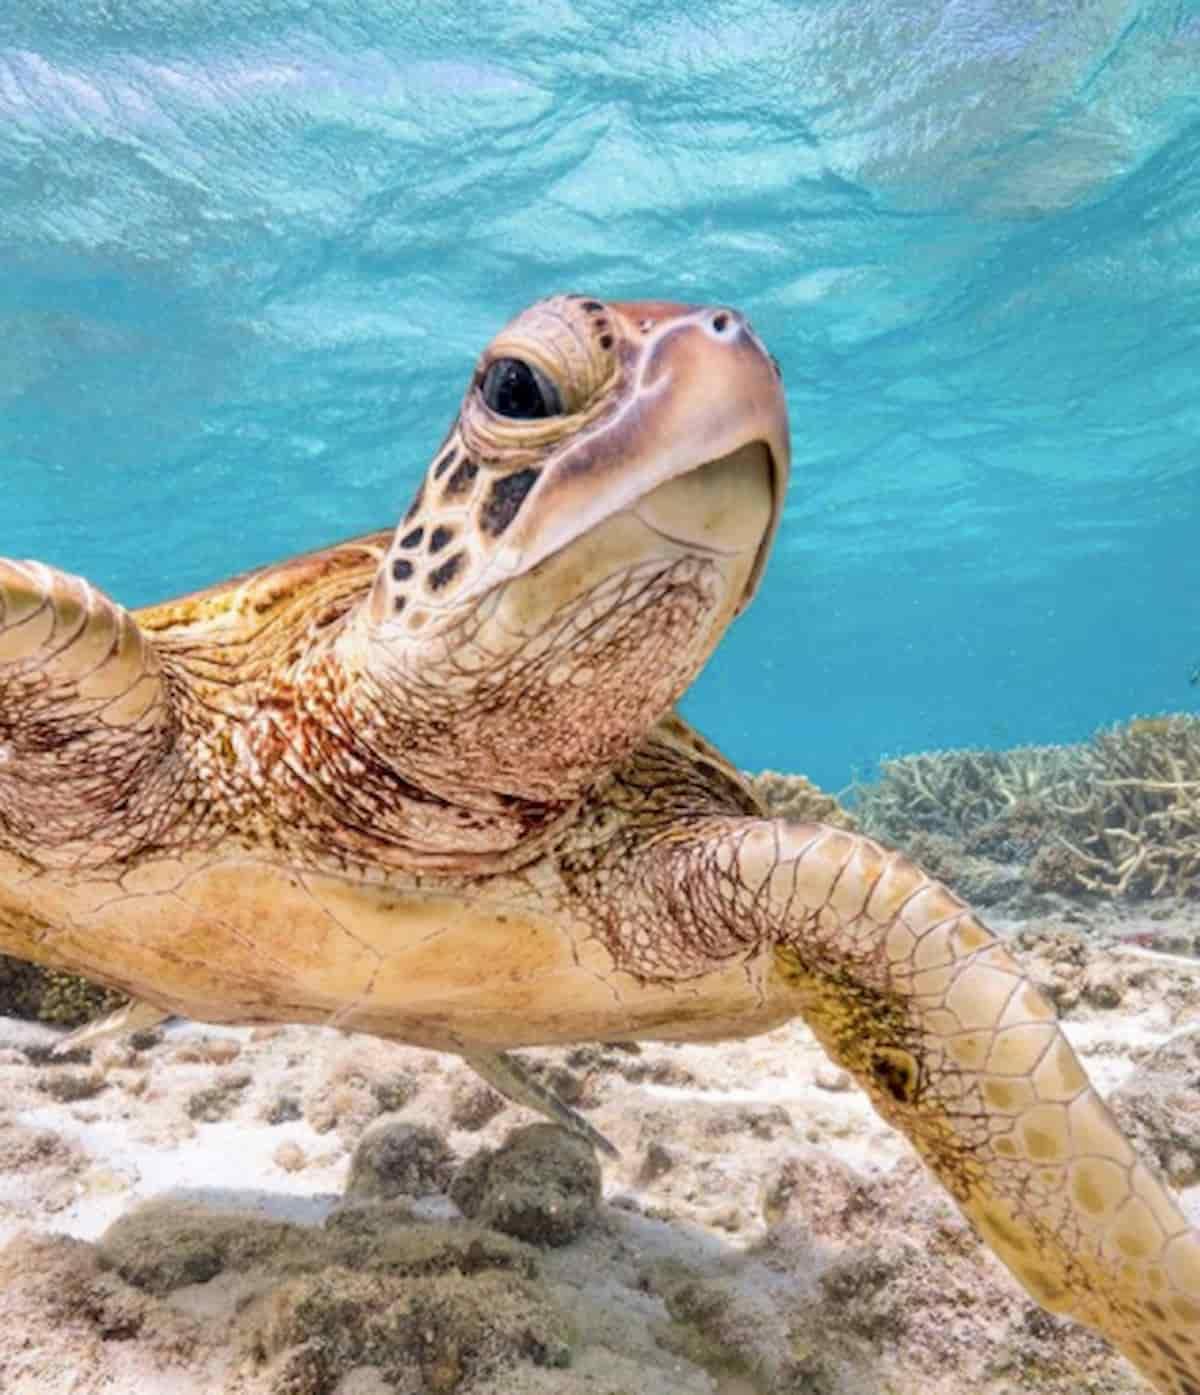 outro angulo do terry que mostra o dedo do meio, tartaruga